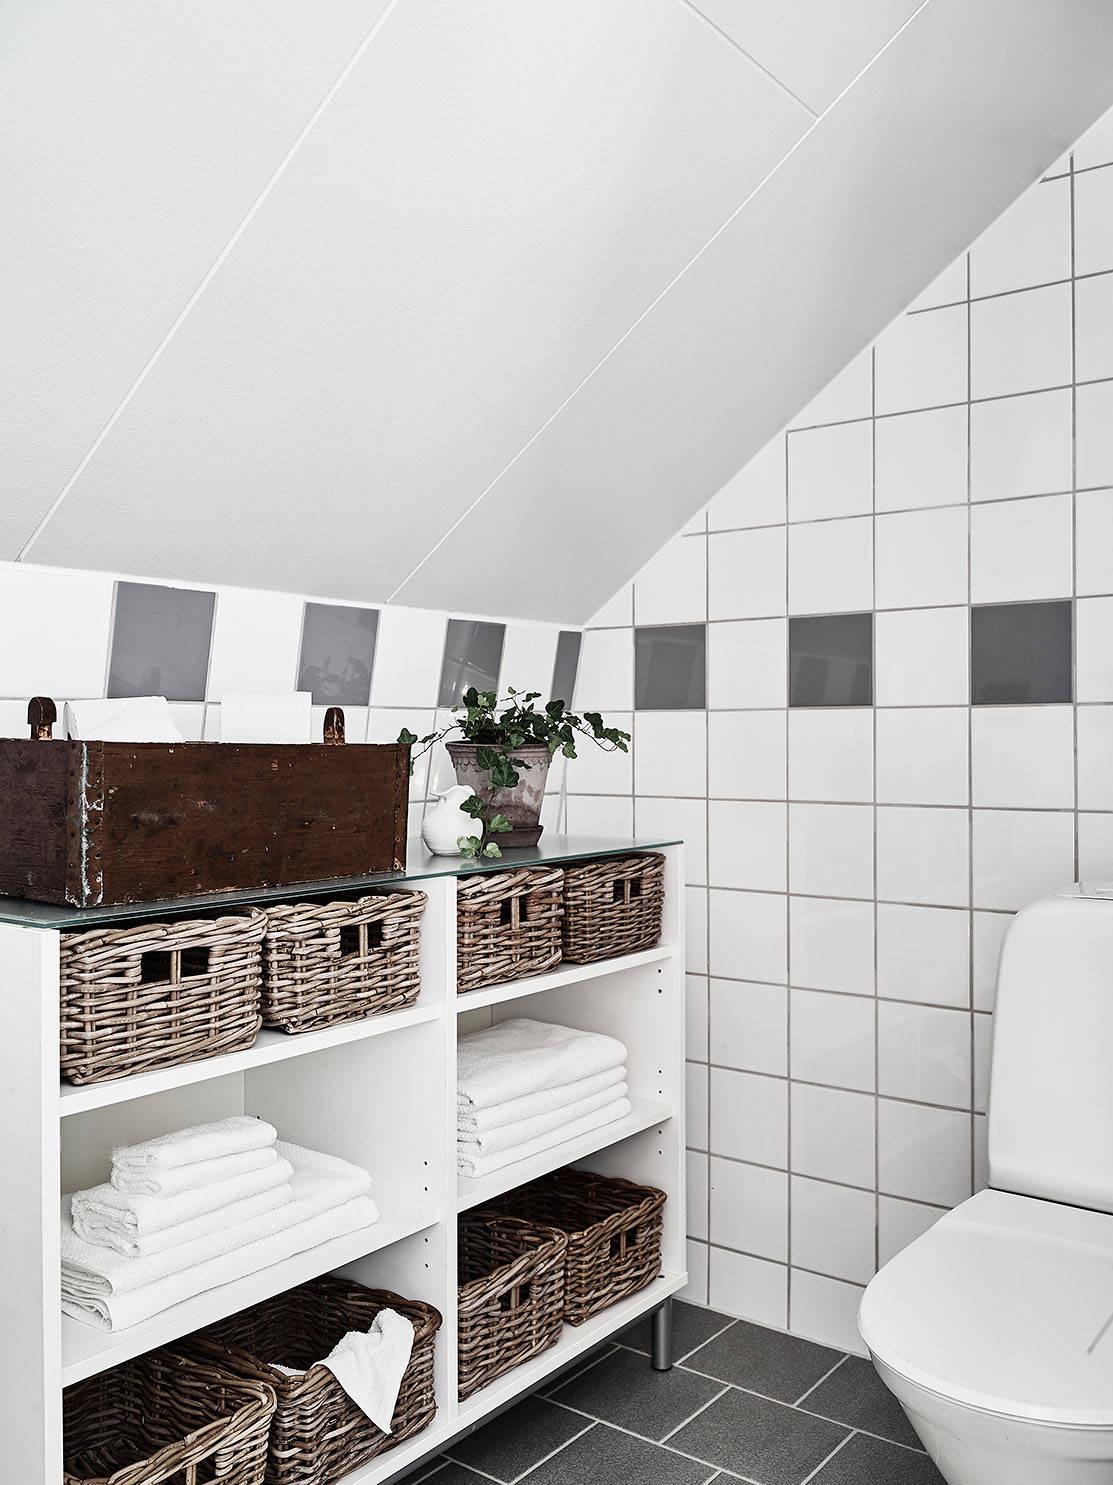 Wonen op een zolder vol met daglicht   interior junkie